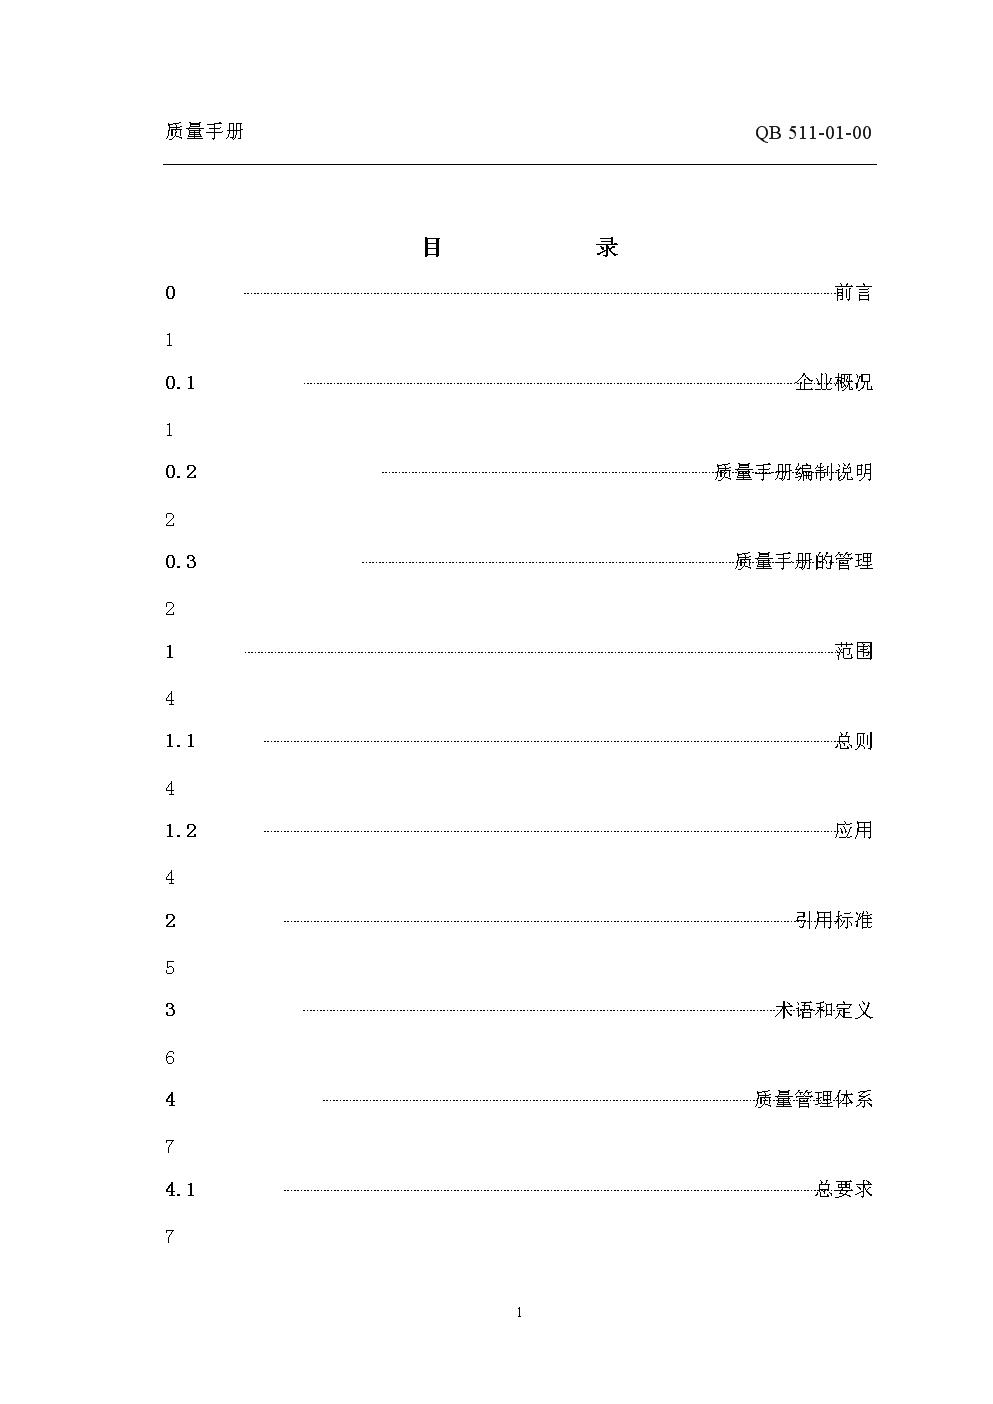 QB01质量手册.doc